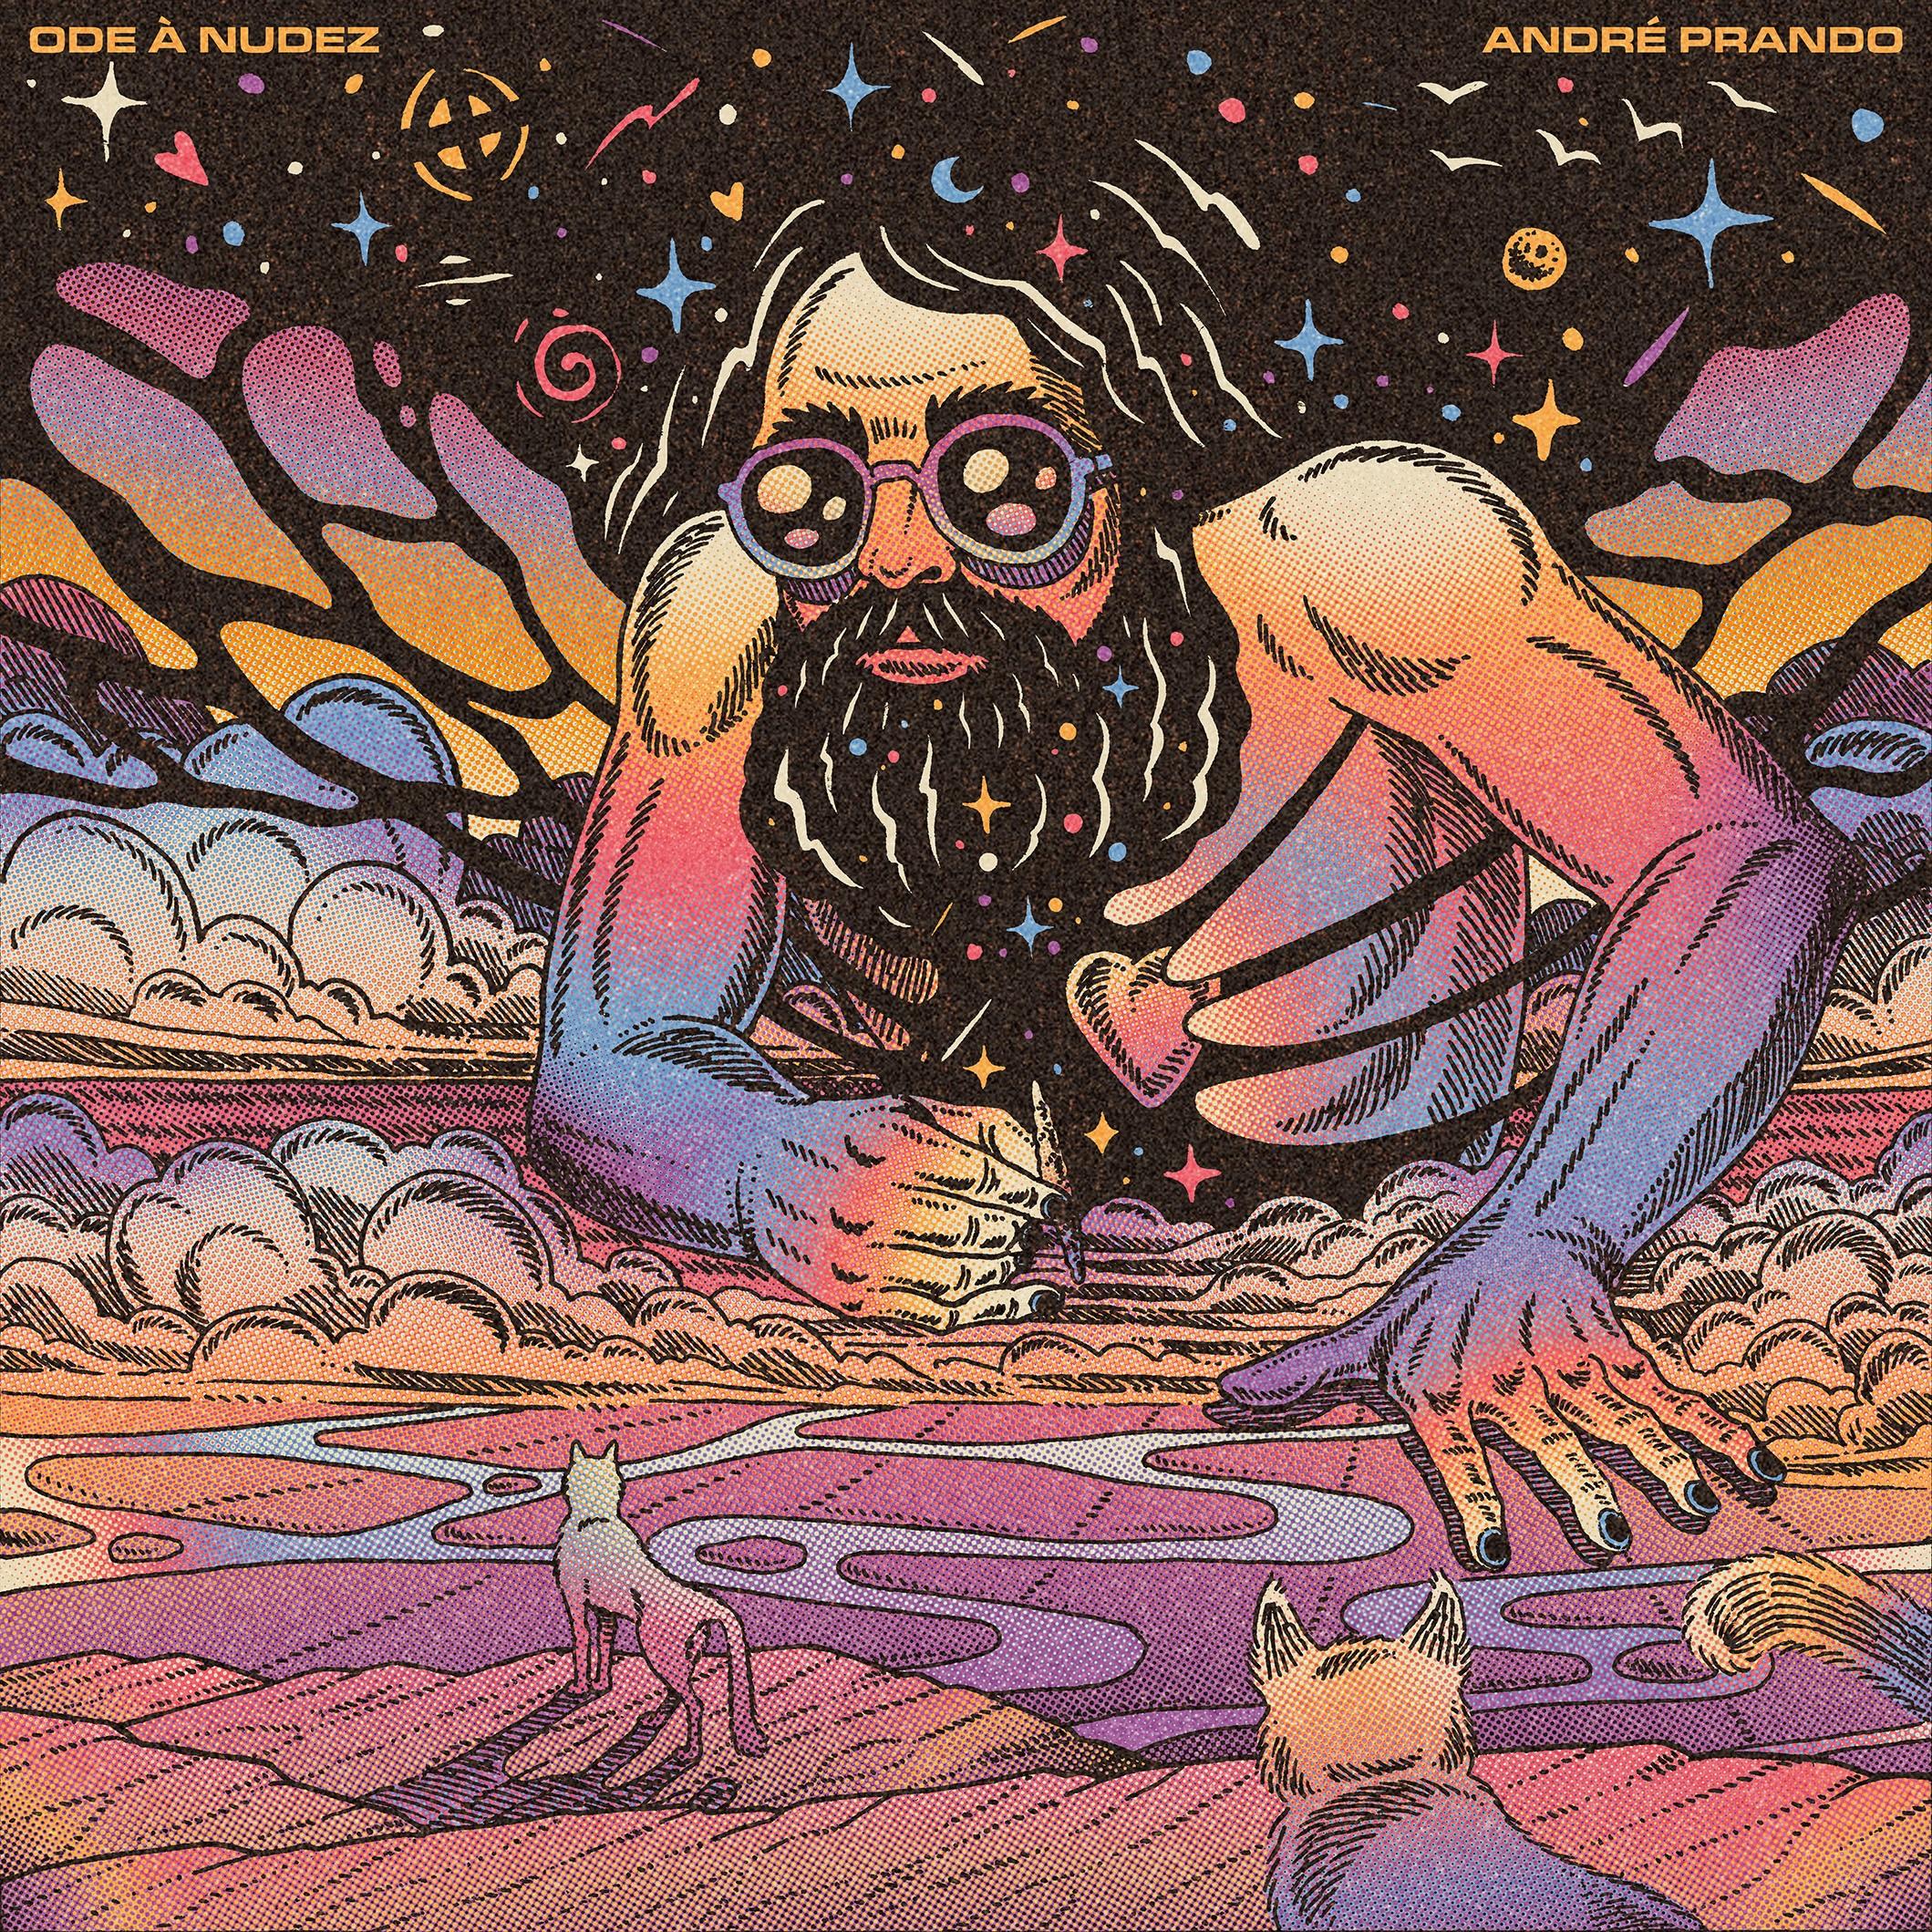 capa do single Ode à Nudez por Caramurú.